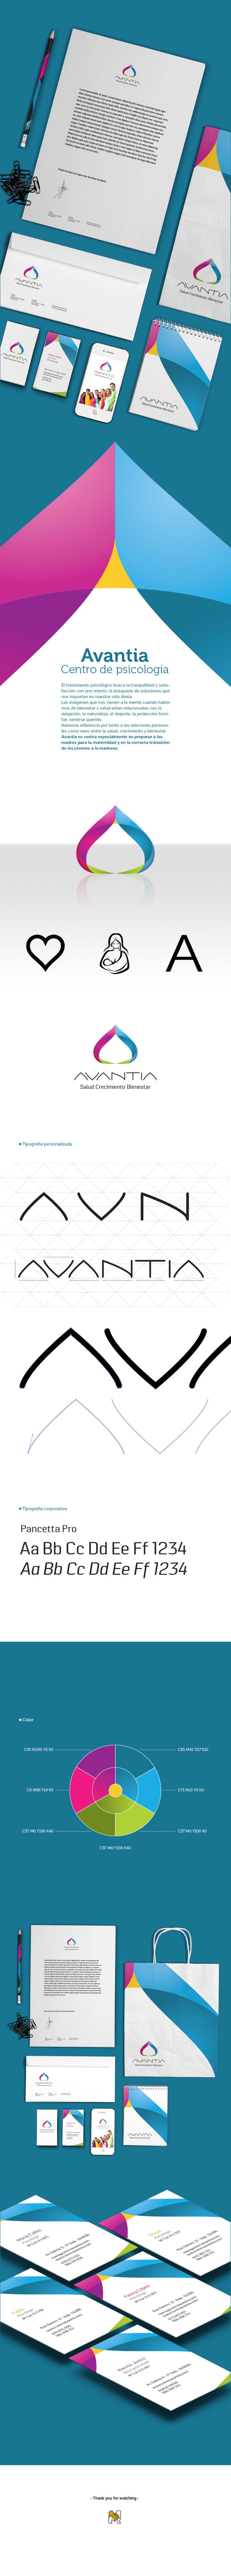 Avantia - Salud Crecimiento Bienestar -1